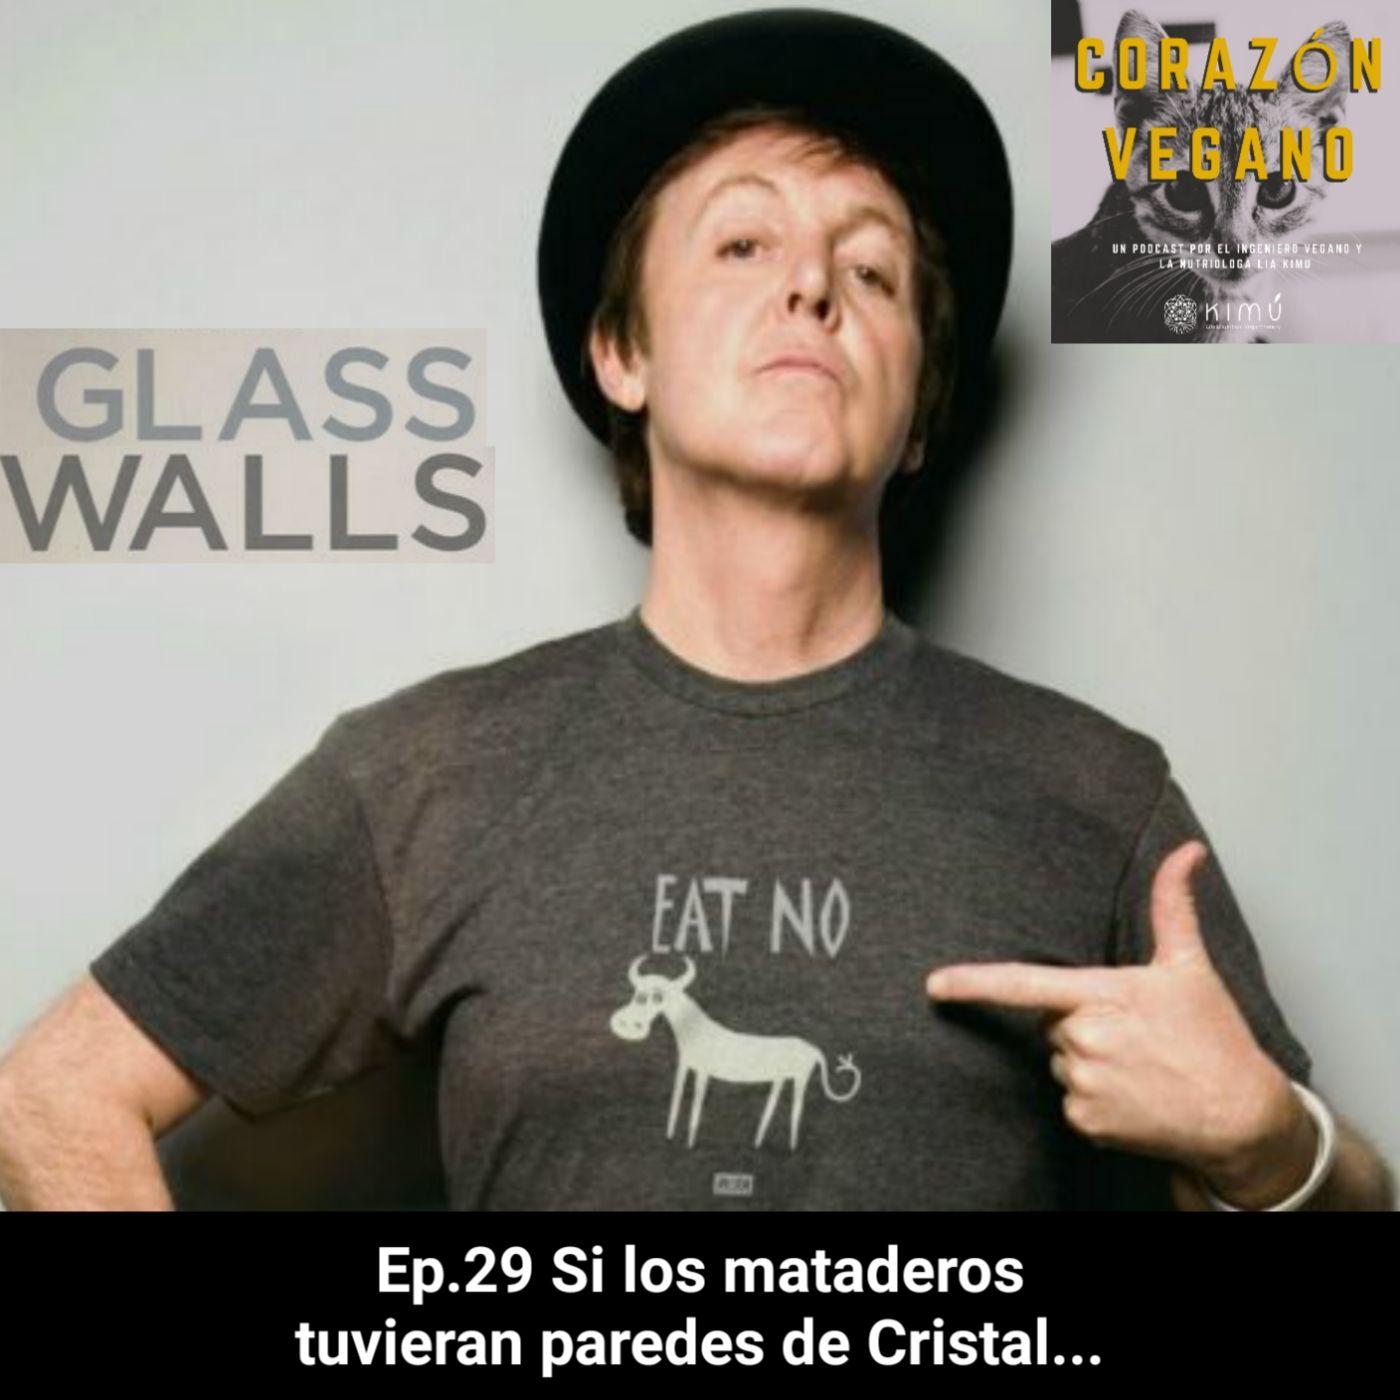 Ep.29 Si los mataderos tuvieran Paredes de Cristal con Paul McCartney